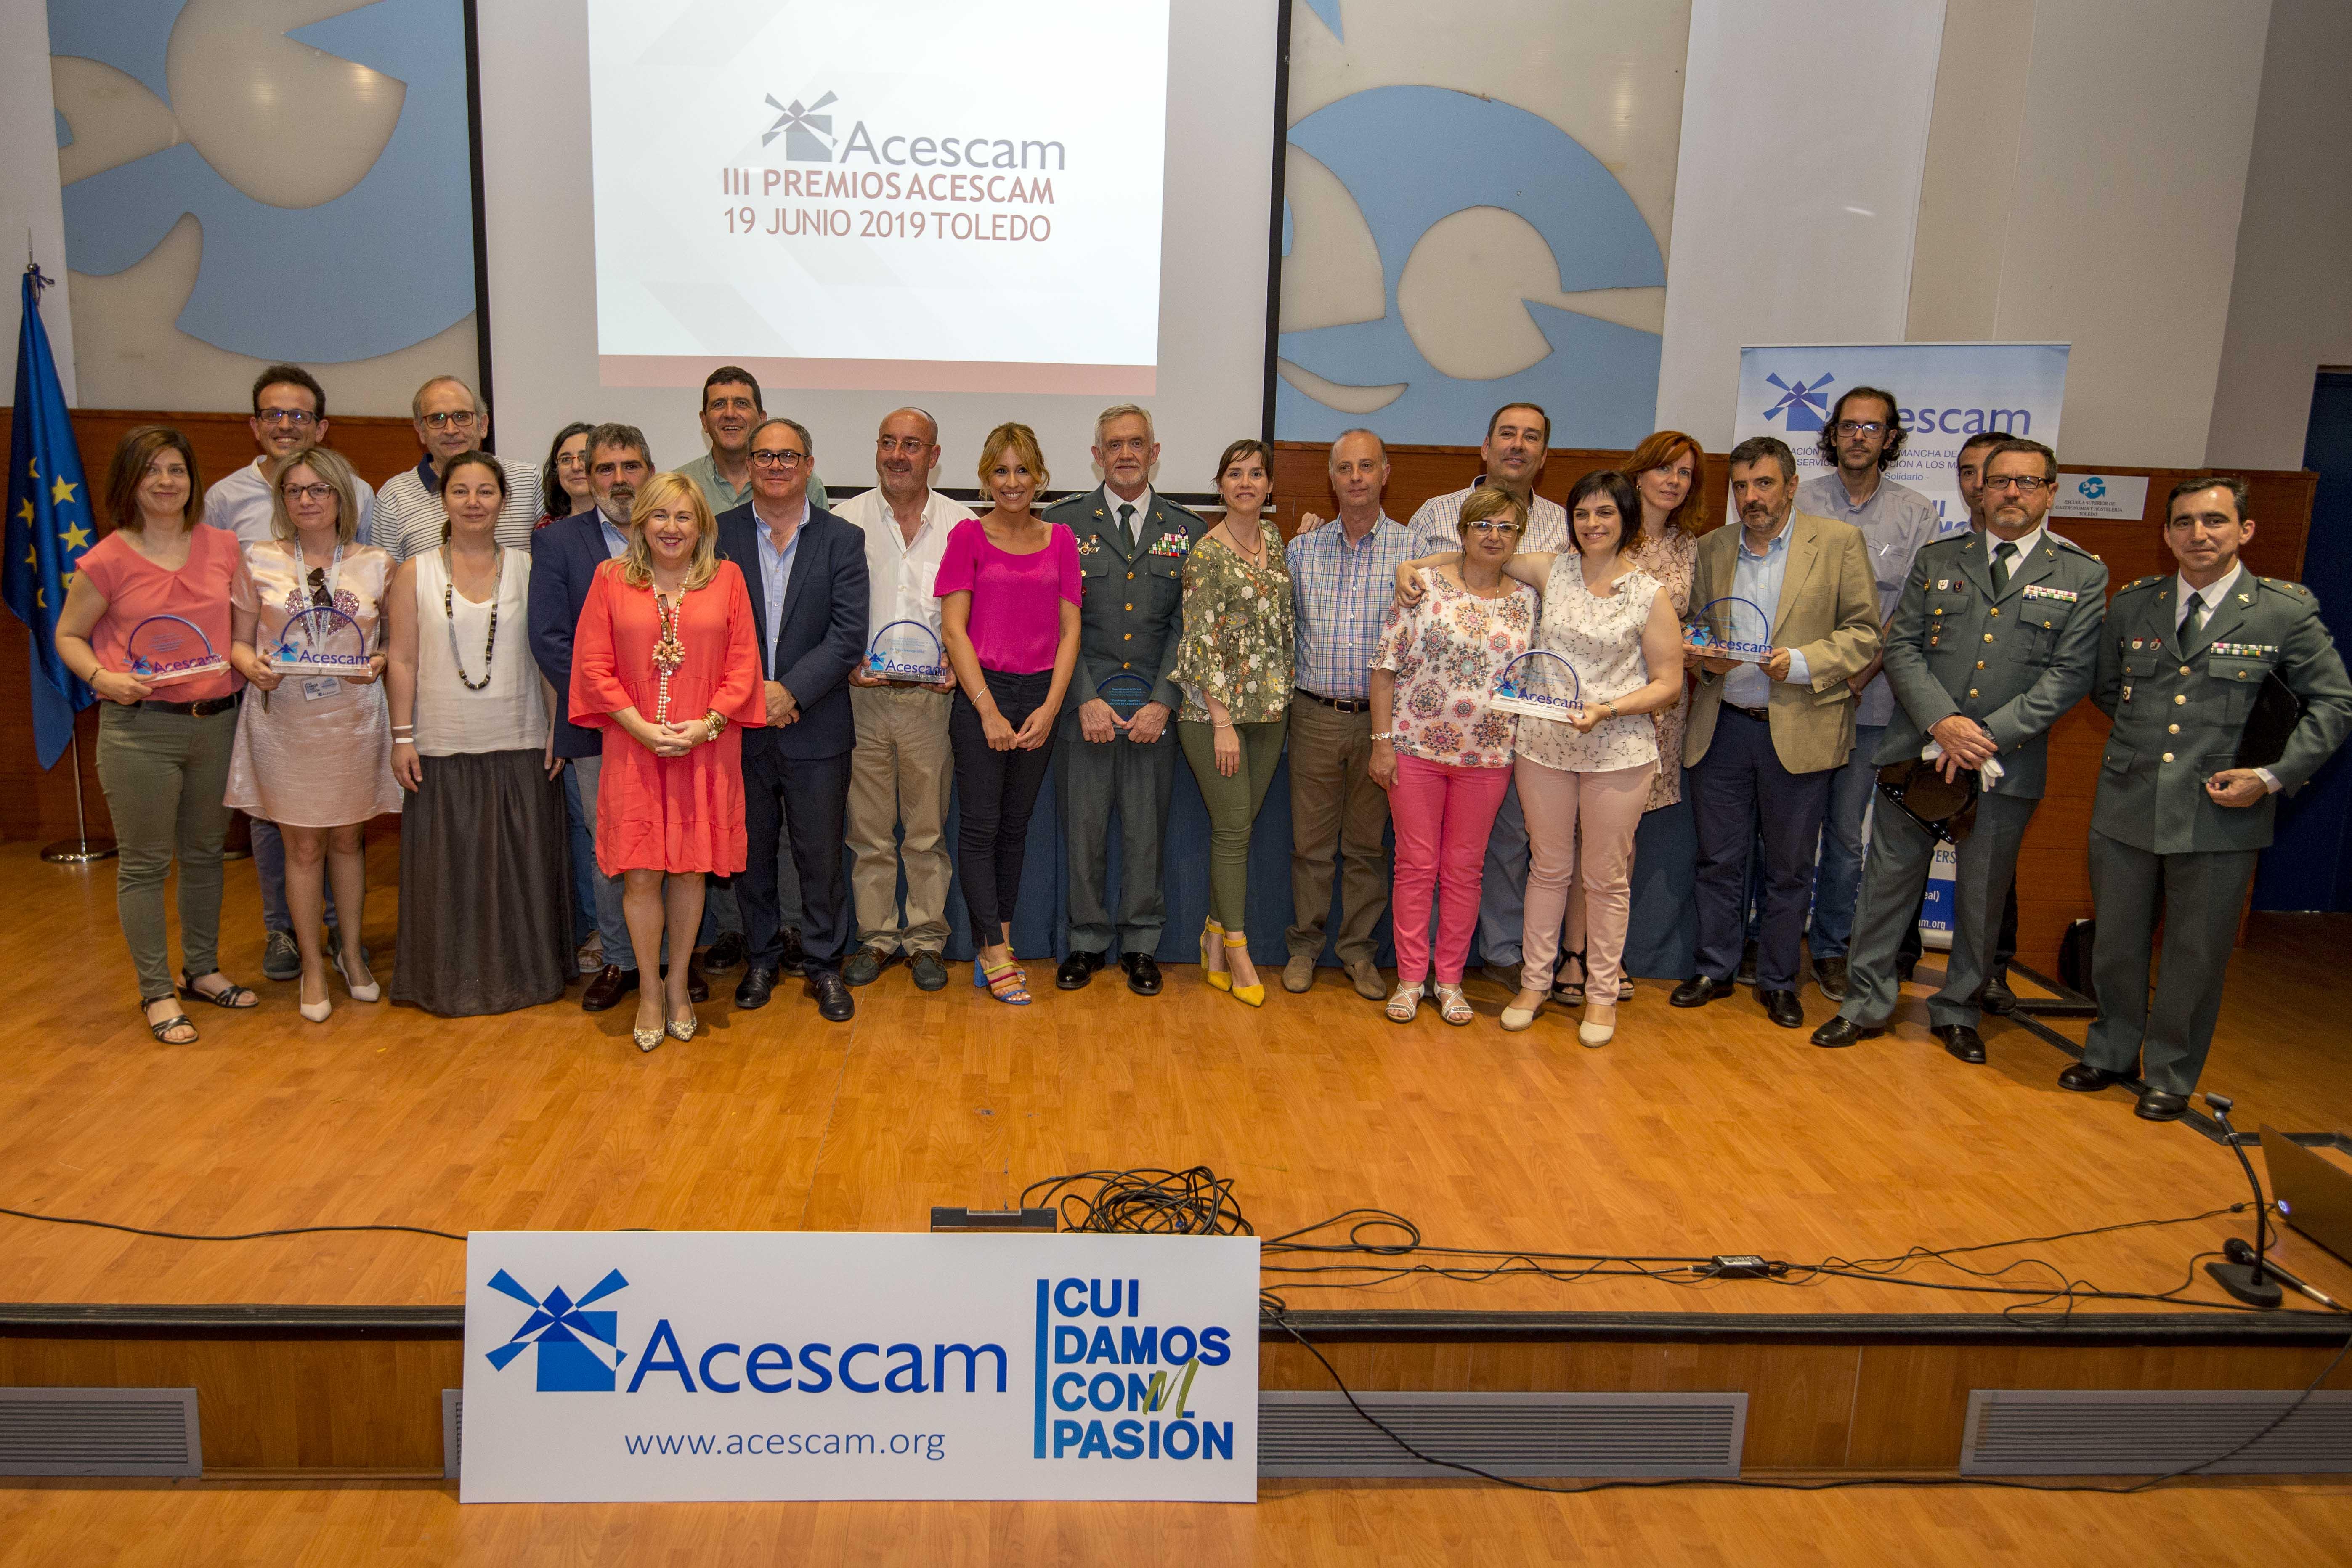 El Gobierno de Castilla-La Mancha felicita a la nueva junta directiva de ACESCAM